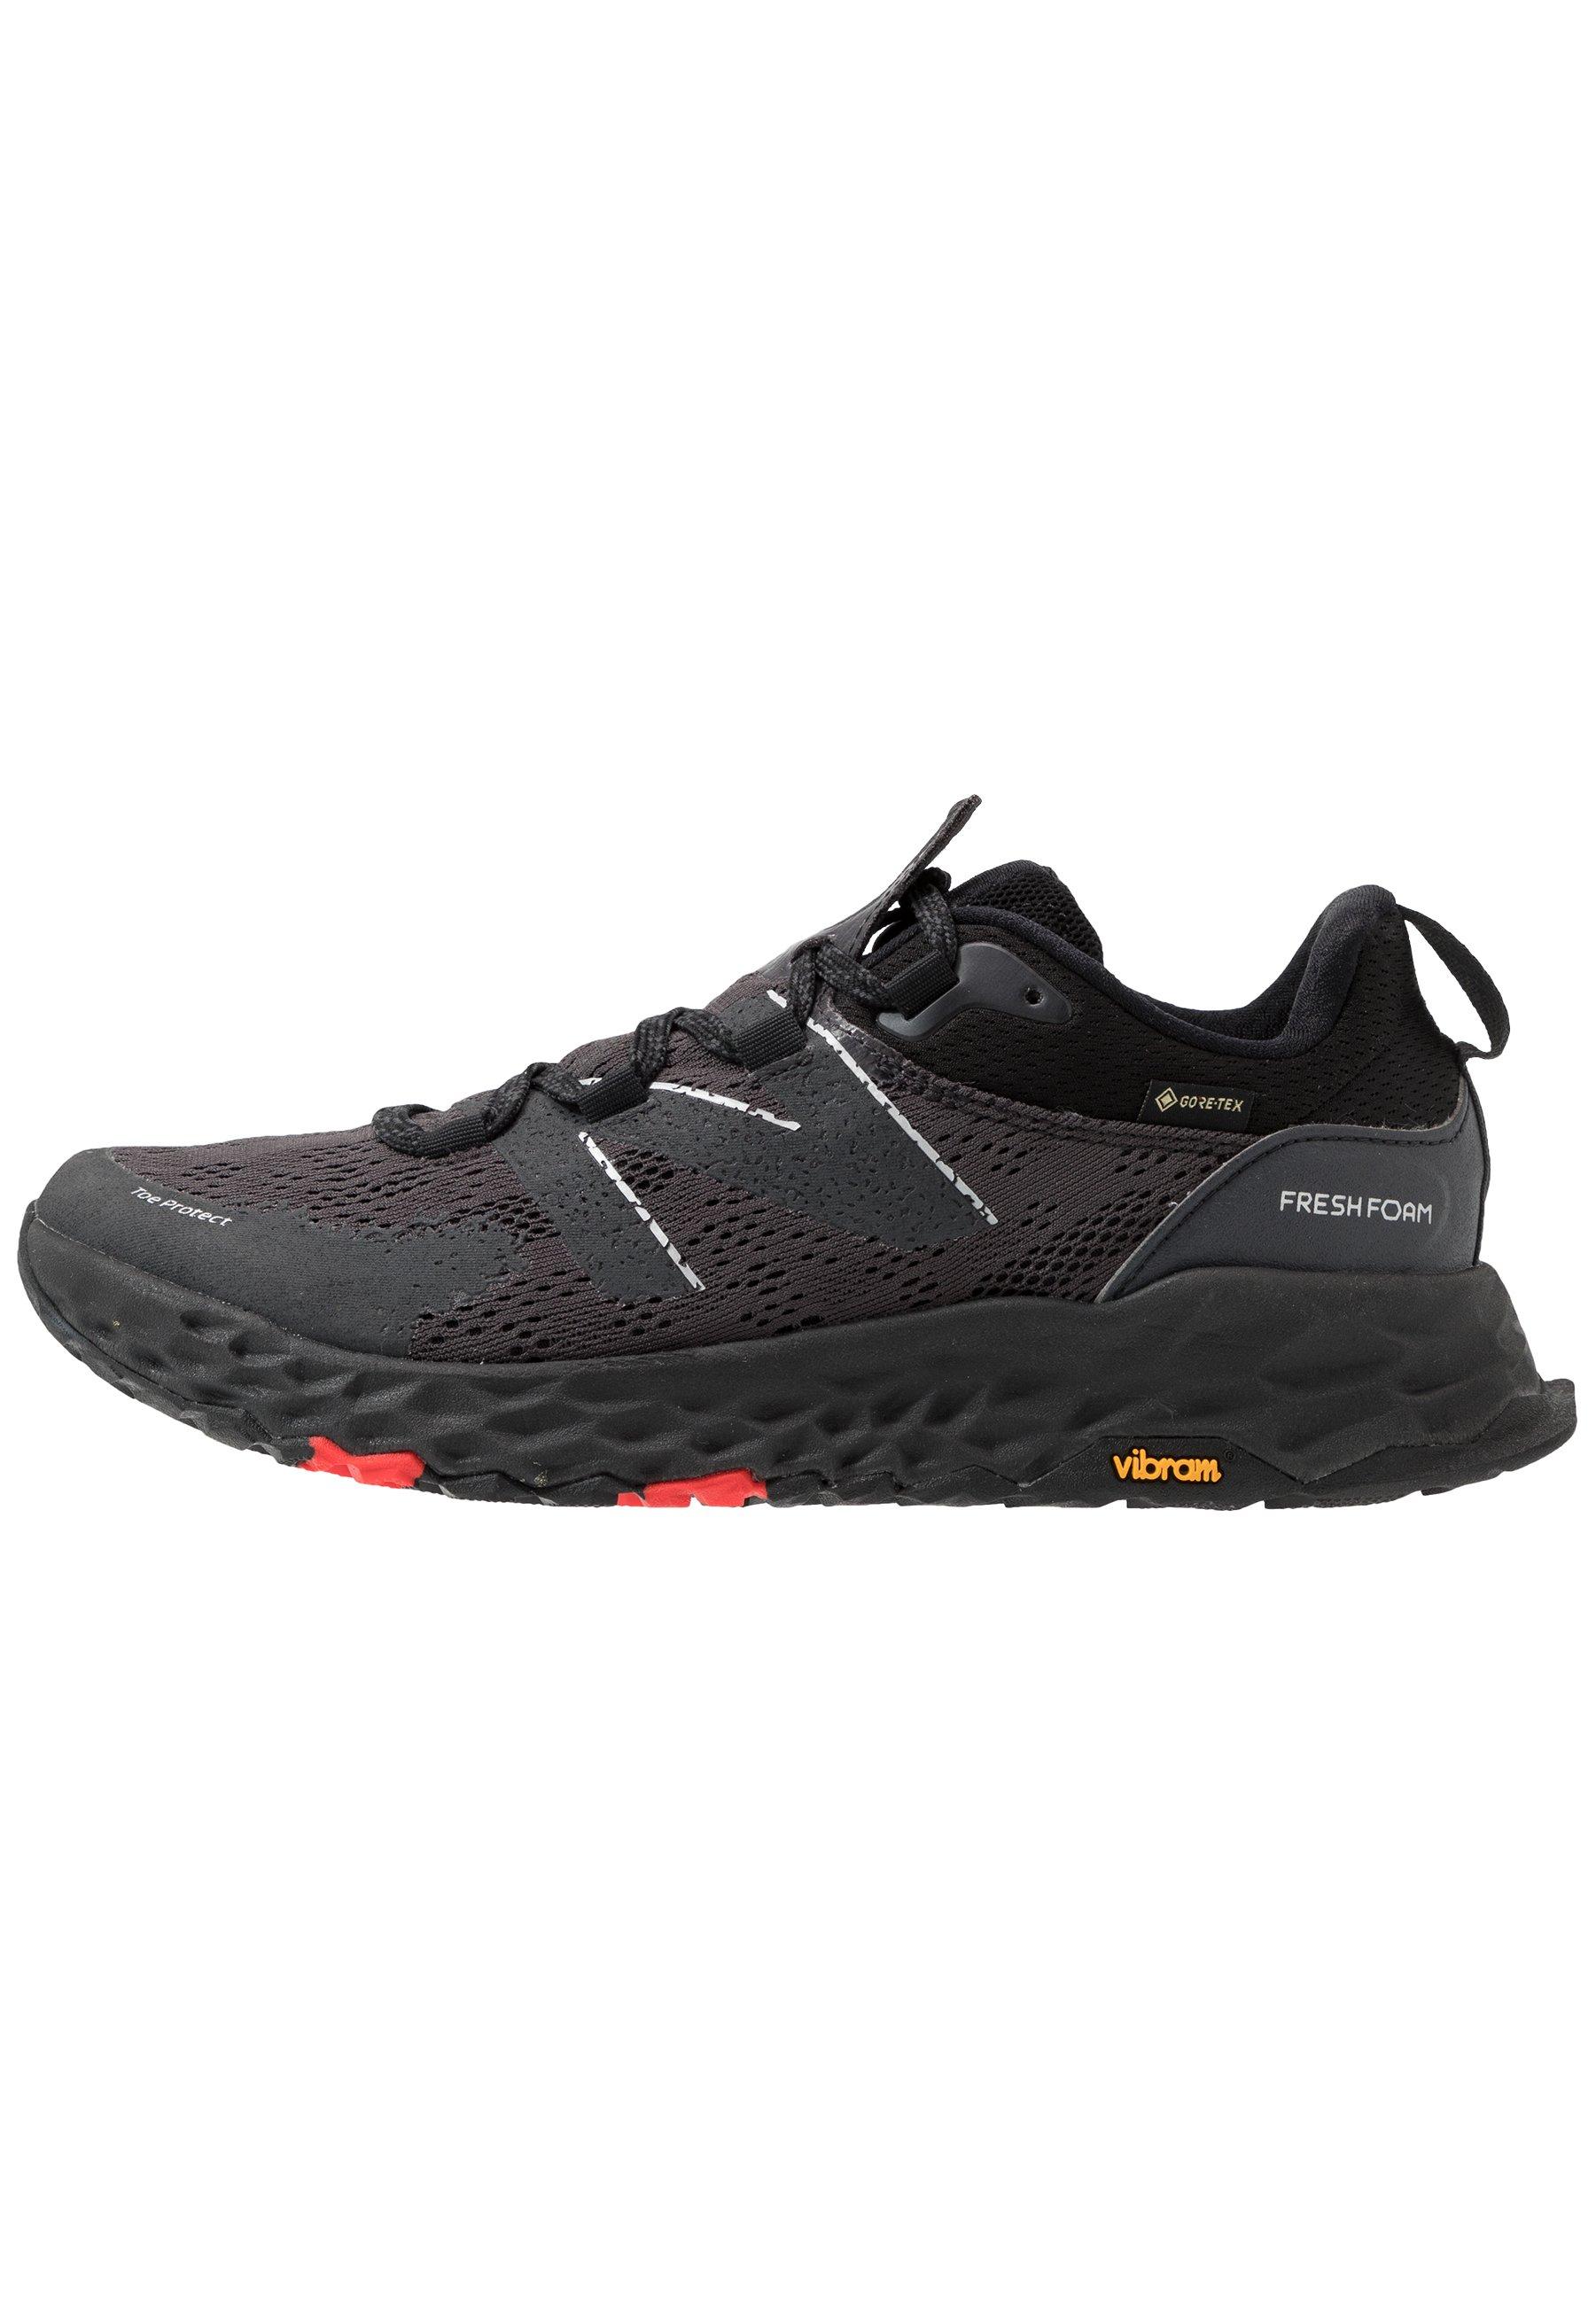 FRESH FOAM HIERRO GORE-TEX - Scarpe da trail running - black